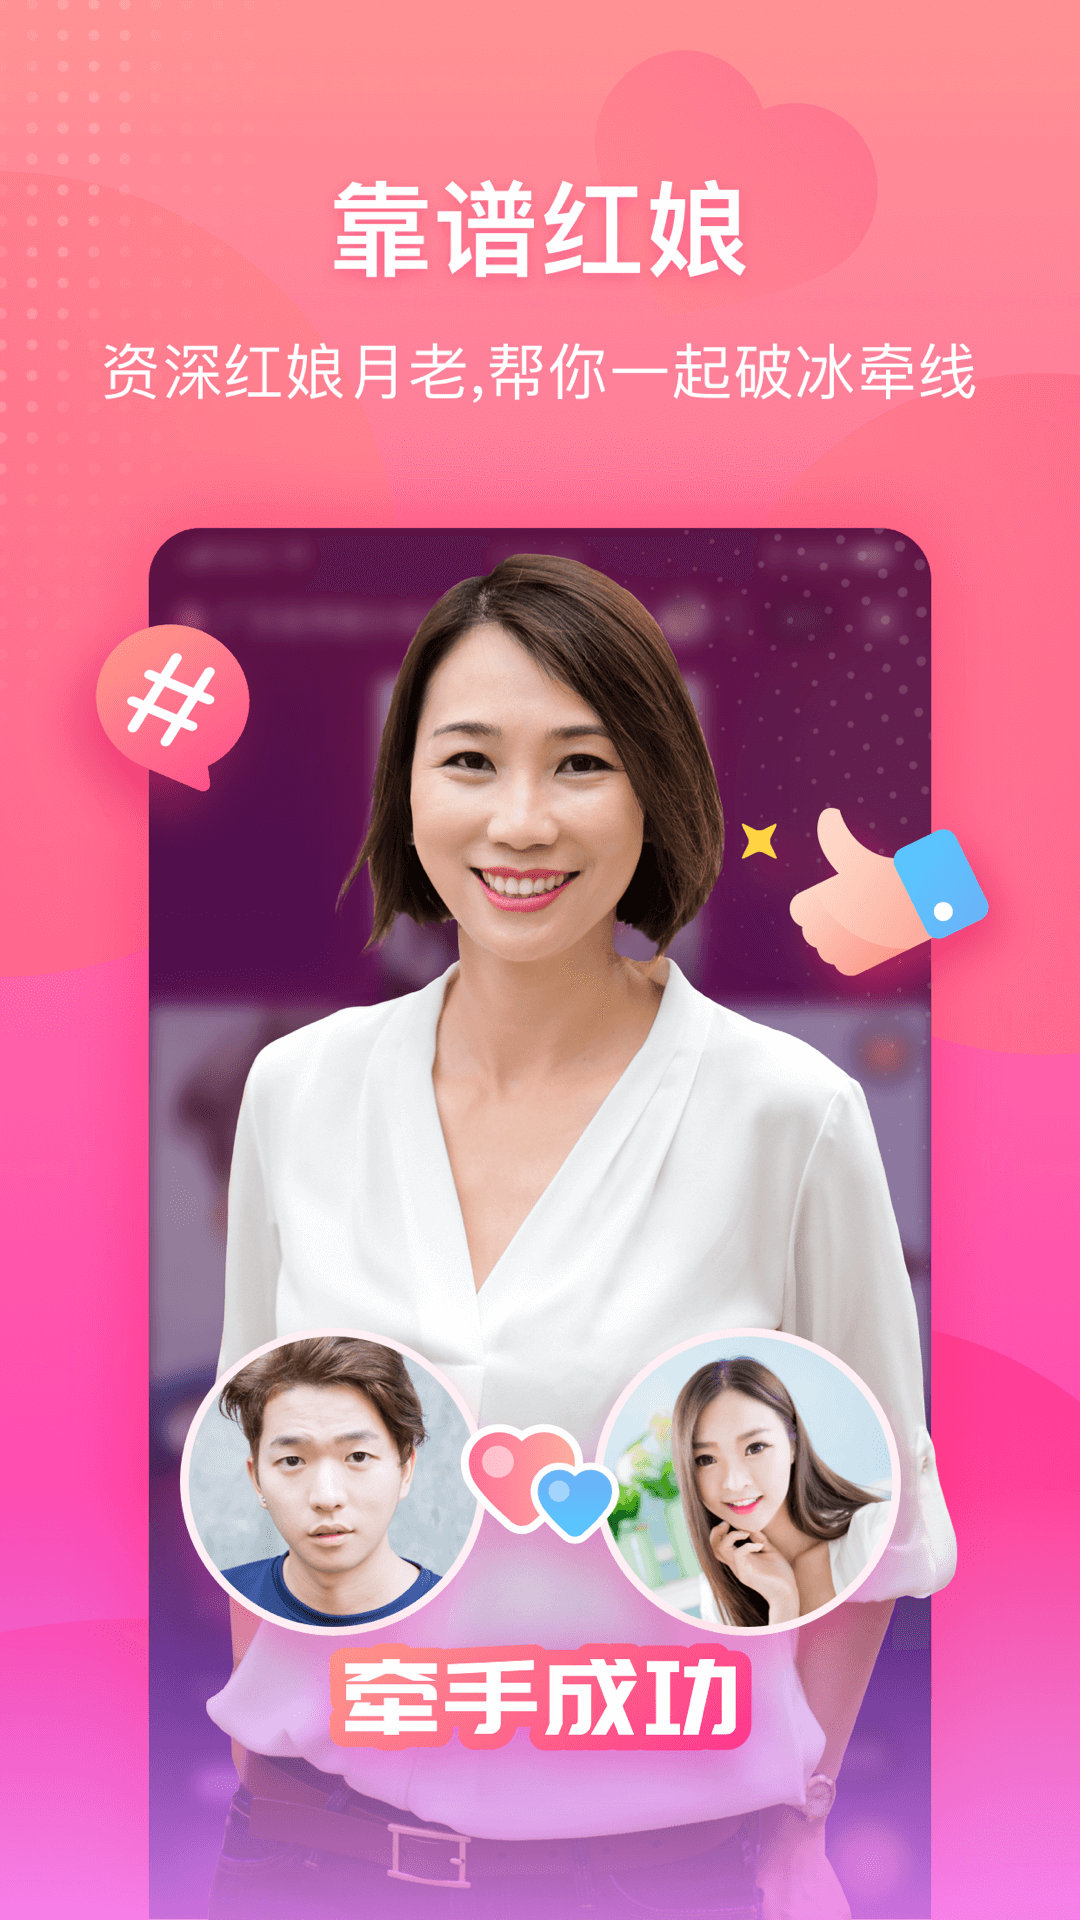 伊起(qi)交友(you)最新(xin)版app官方正版圖片1